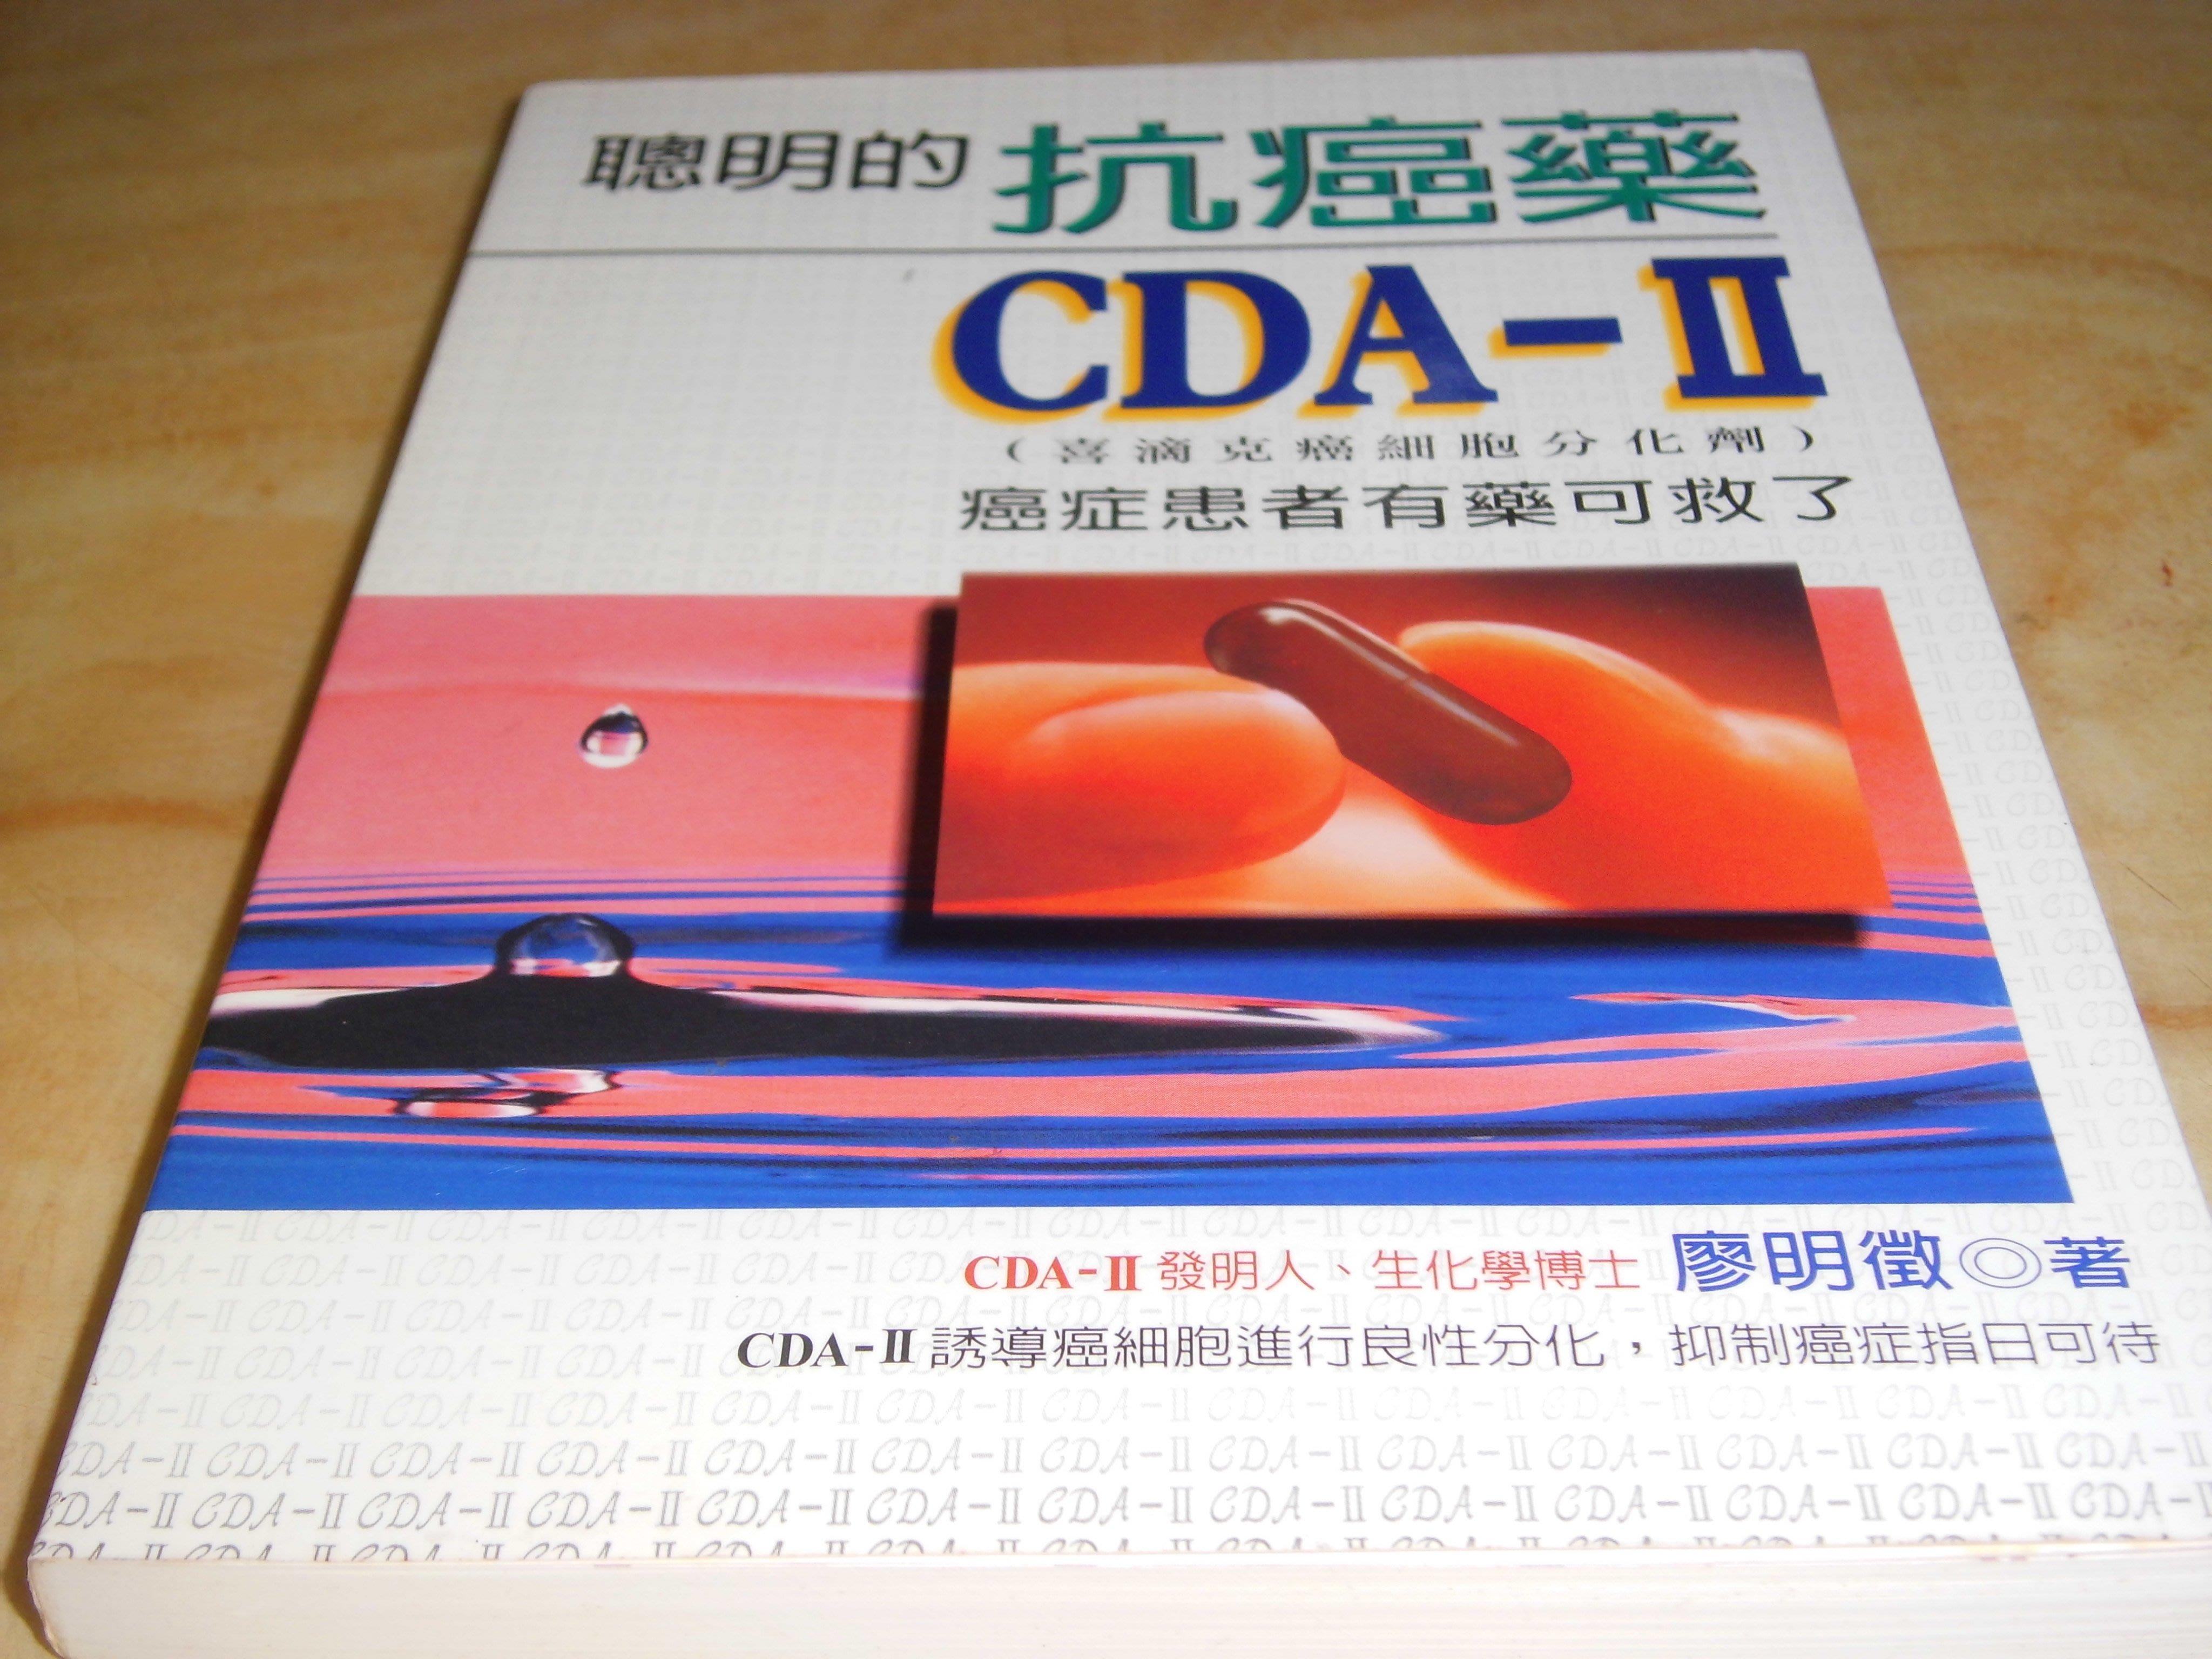 二手書【方爸爸的黃金屋】《聰明的抗癌藥CDA-2》廖明徵著|世茂出版L67